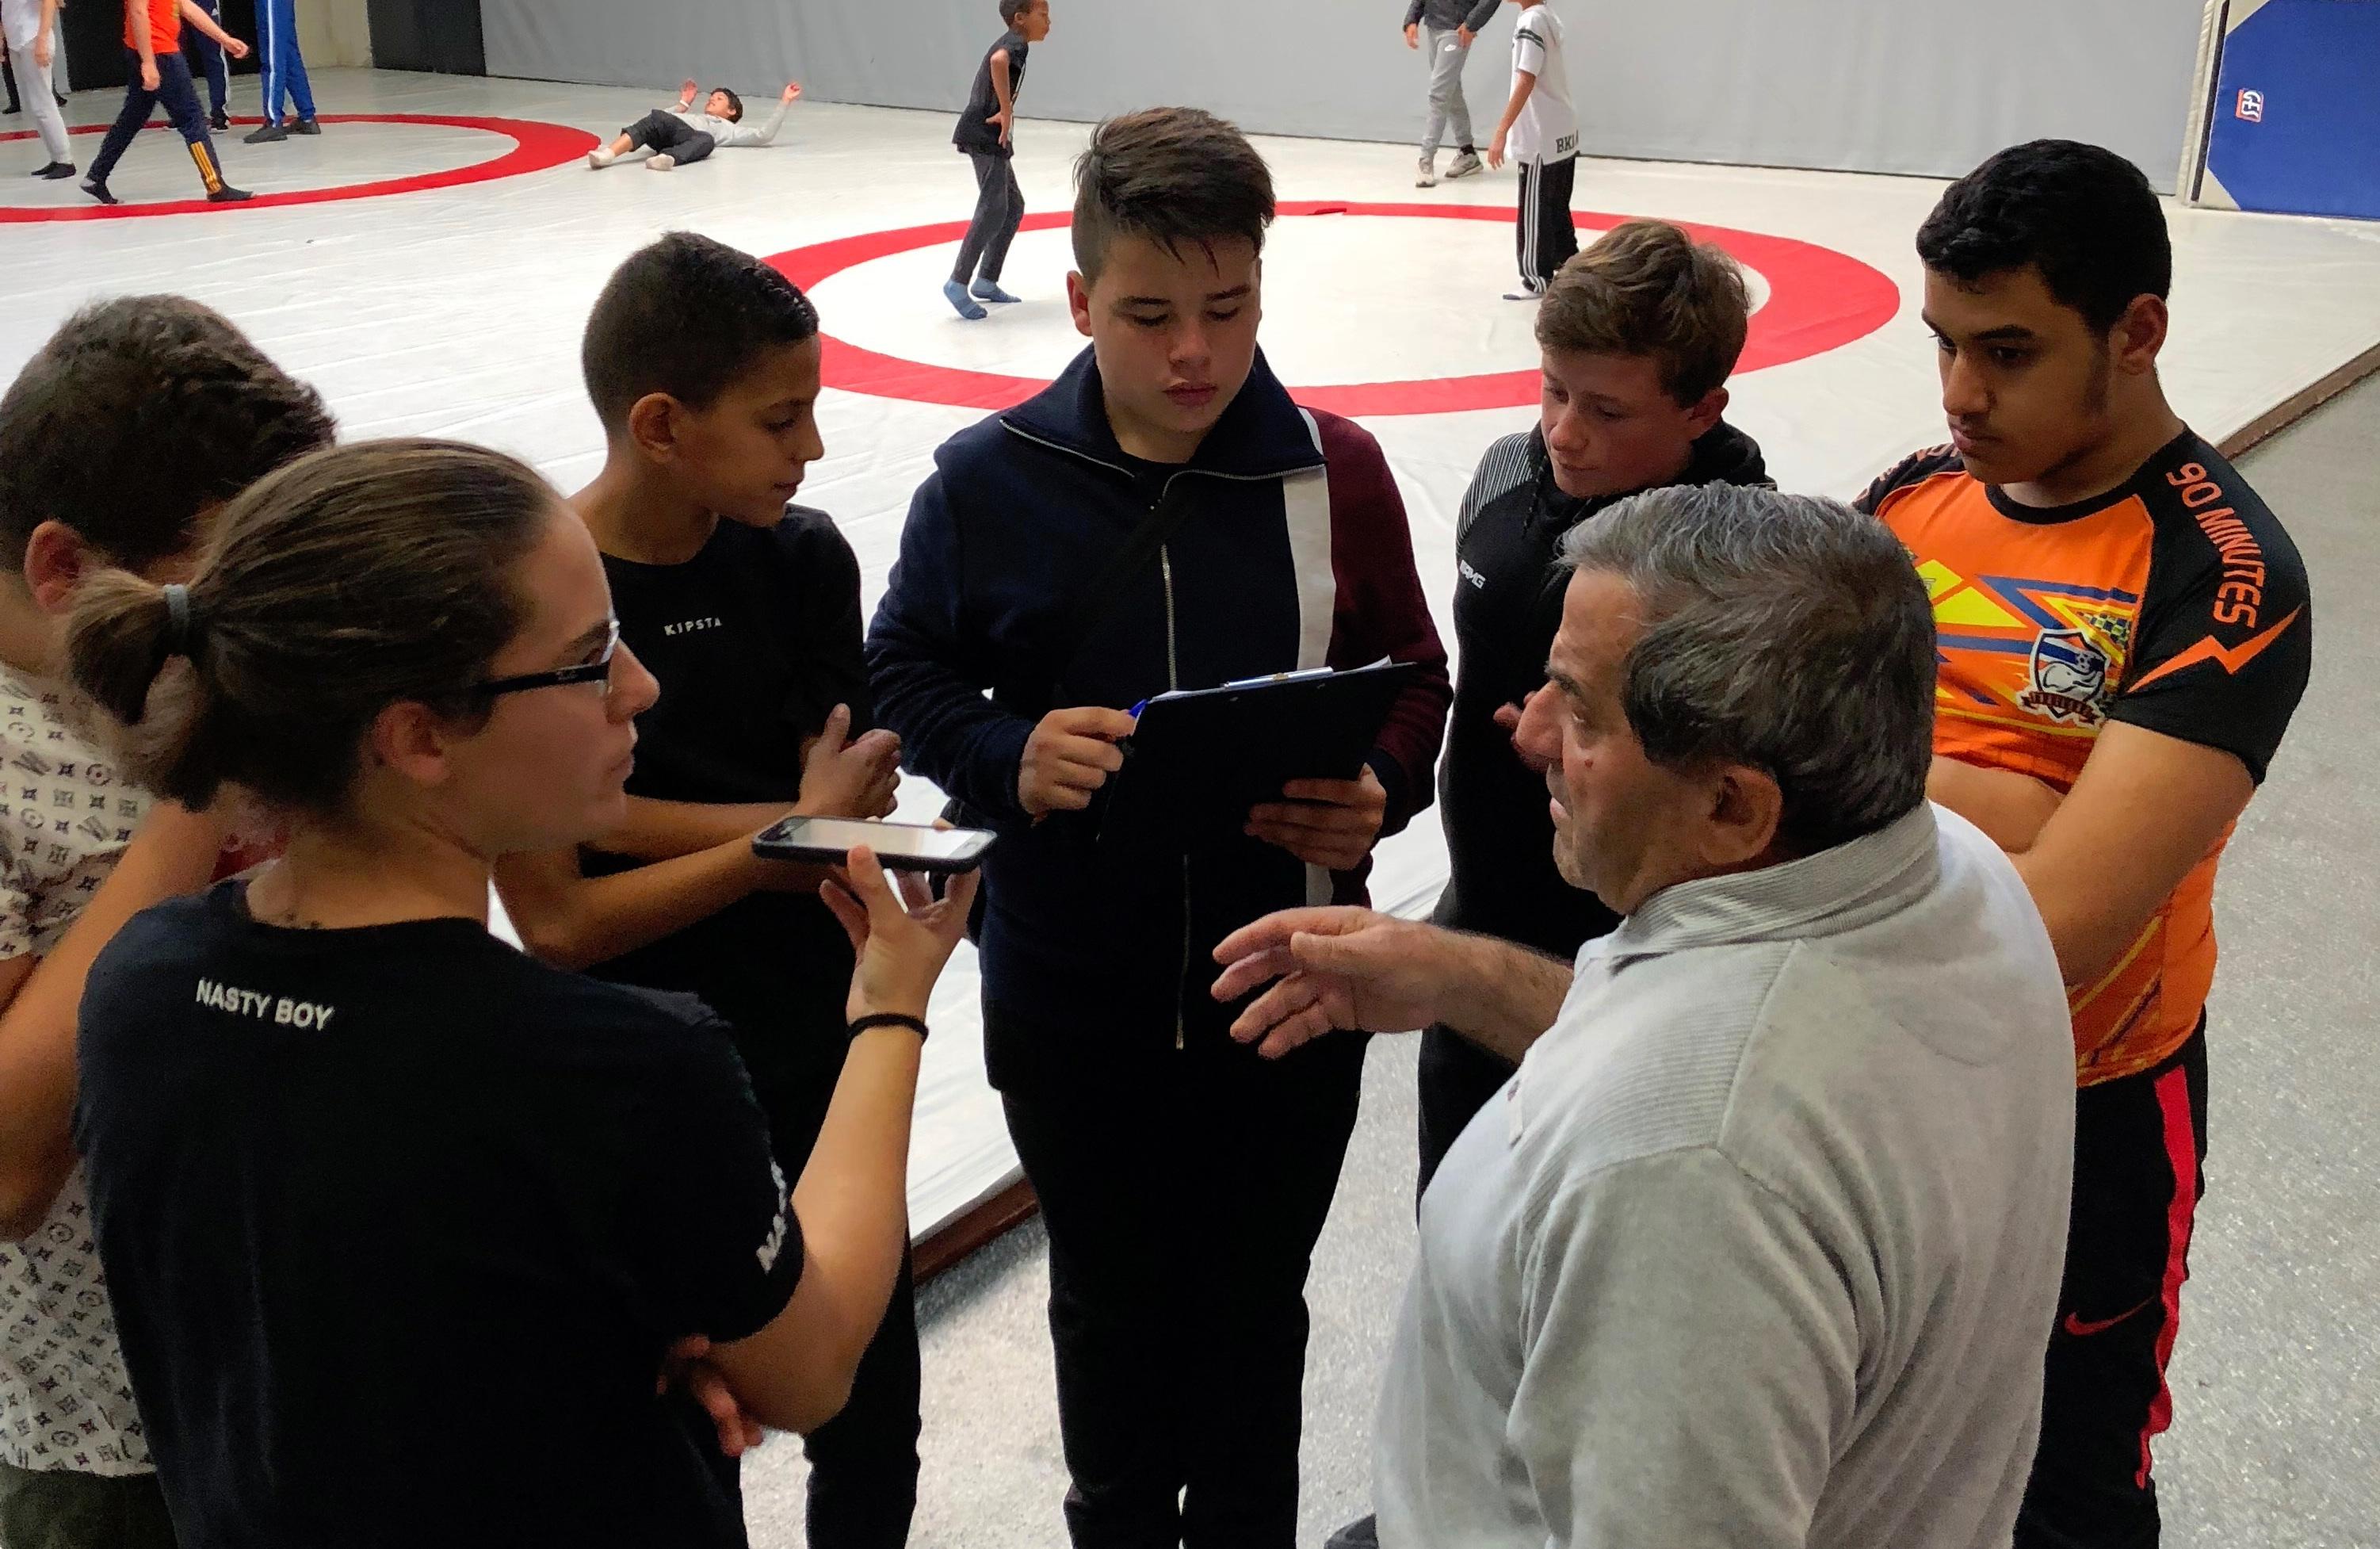 Le centre social Louis Braille en excursion au club de lutte